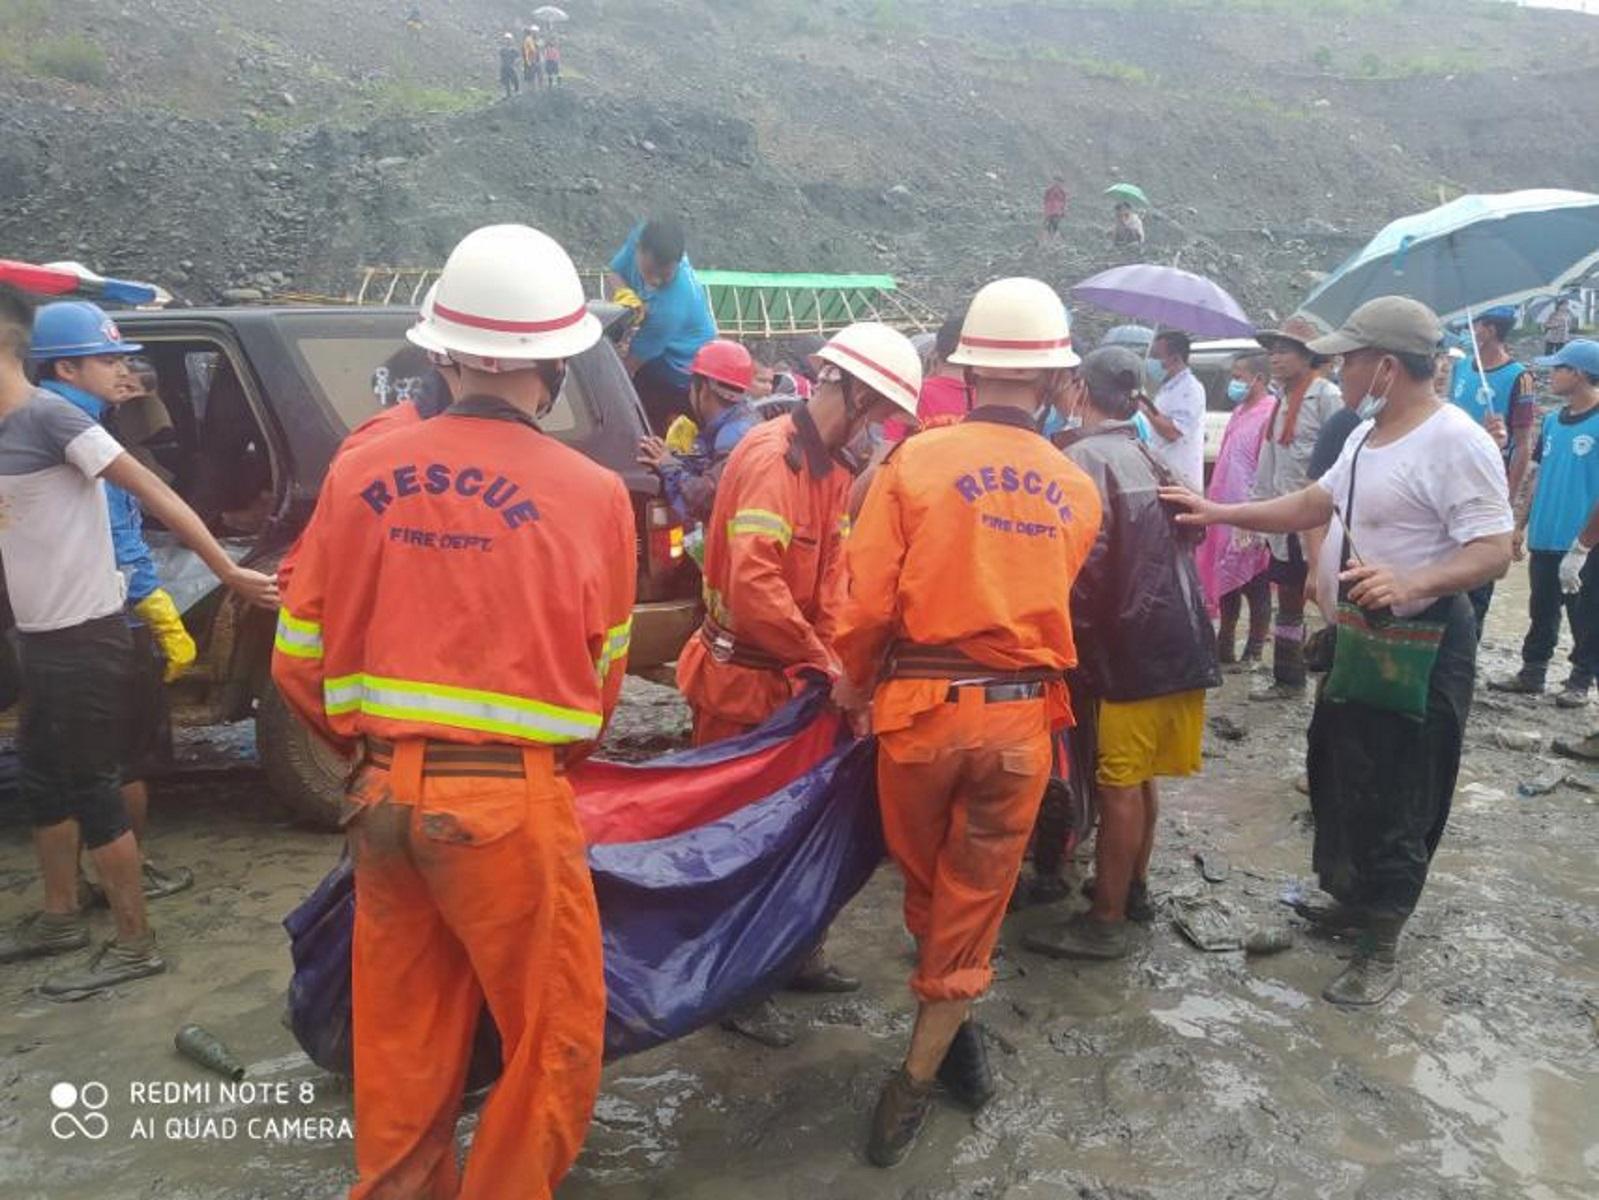 Θρήνος στην Μιανμάρ: Πάνω από 160 νεκροί από κατολίσθηση σε ορυχείο νεφρίτη